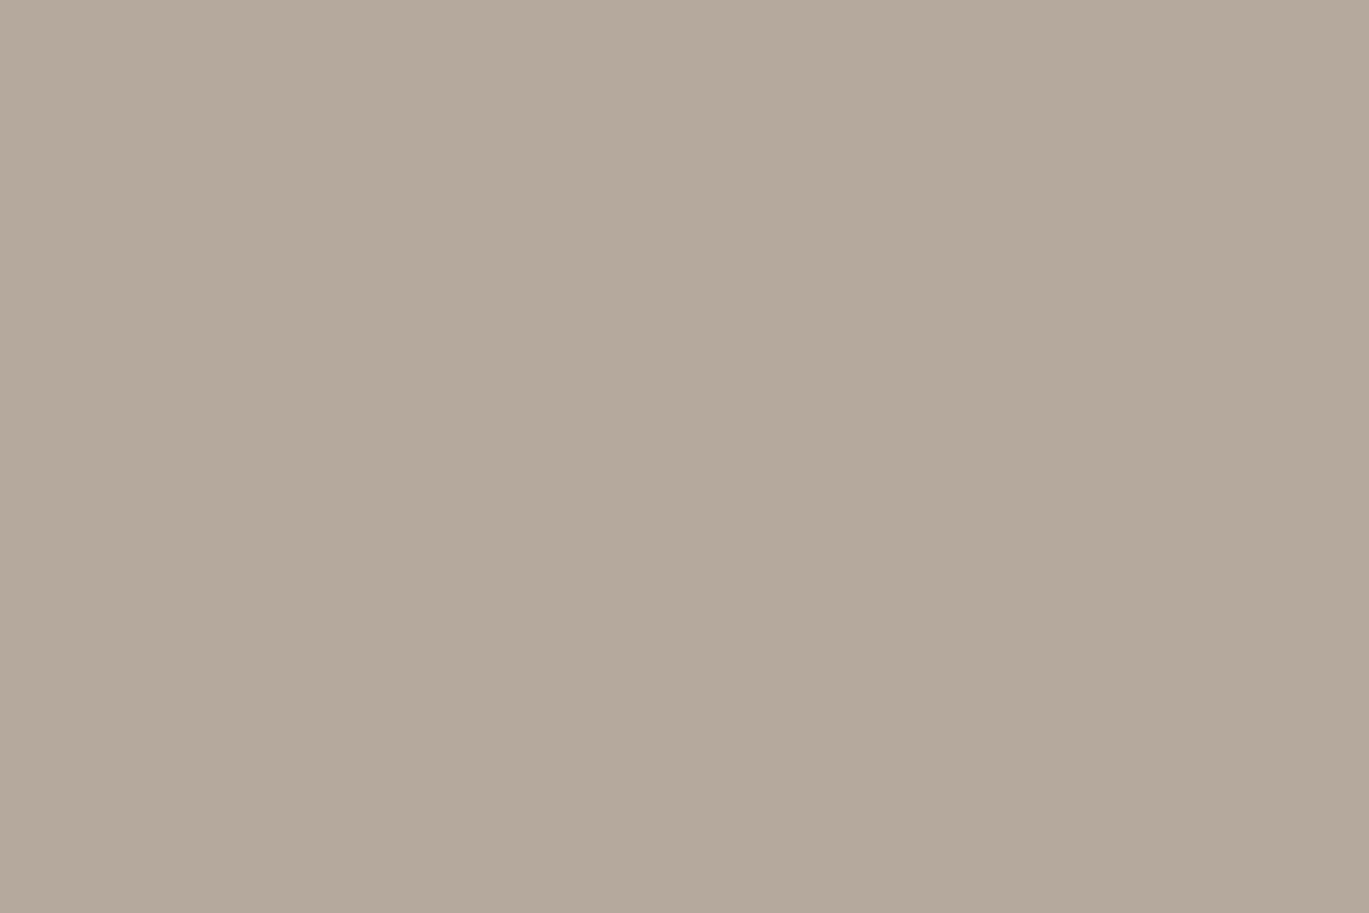 519069.average - Народный промысел родного края